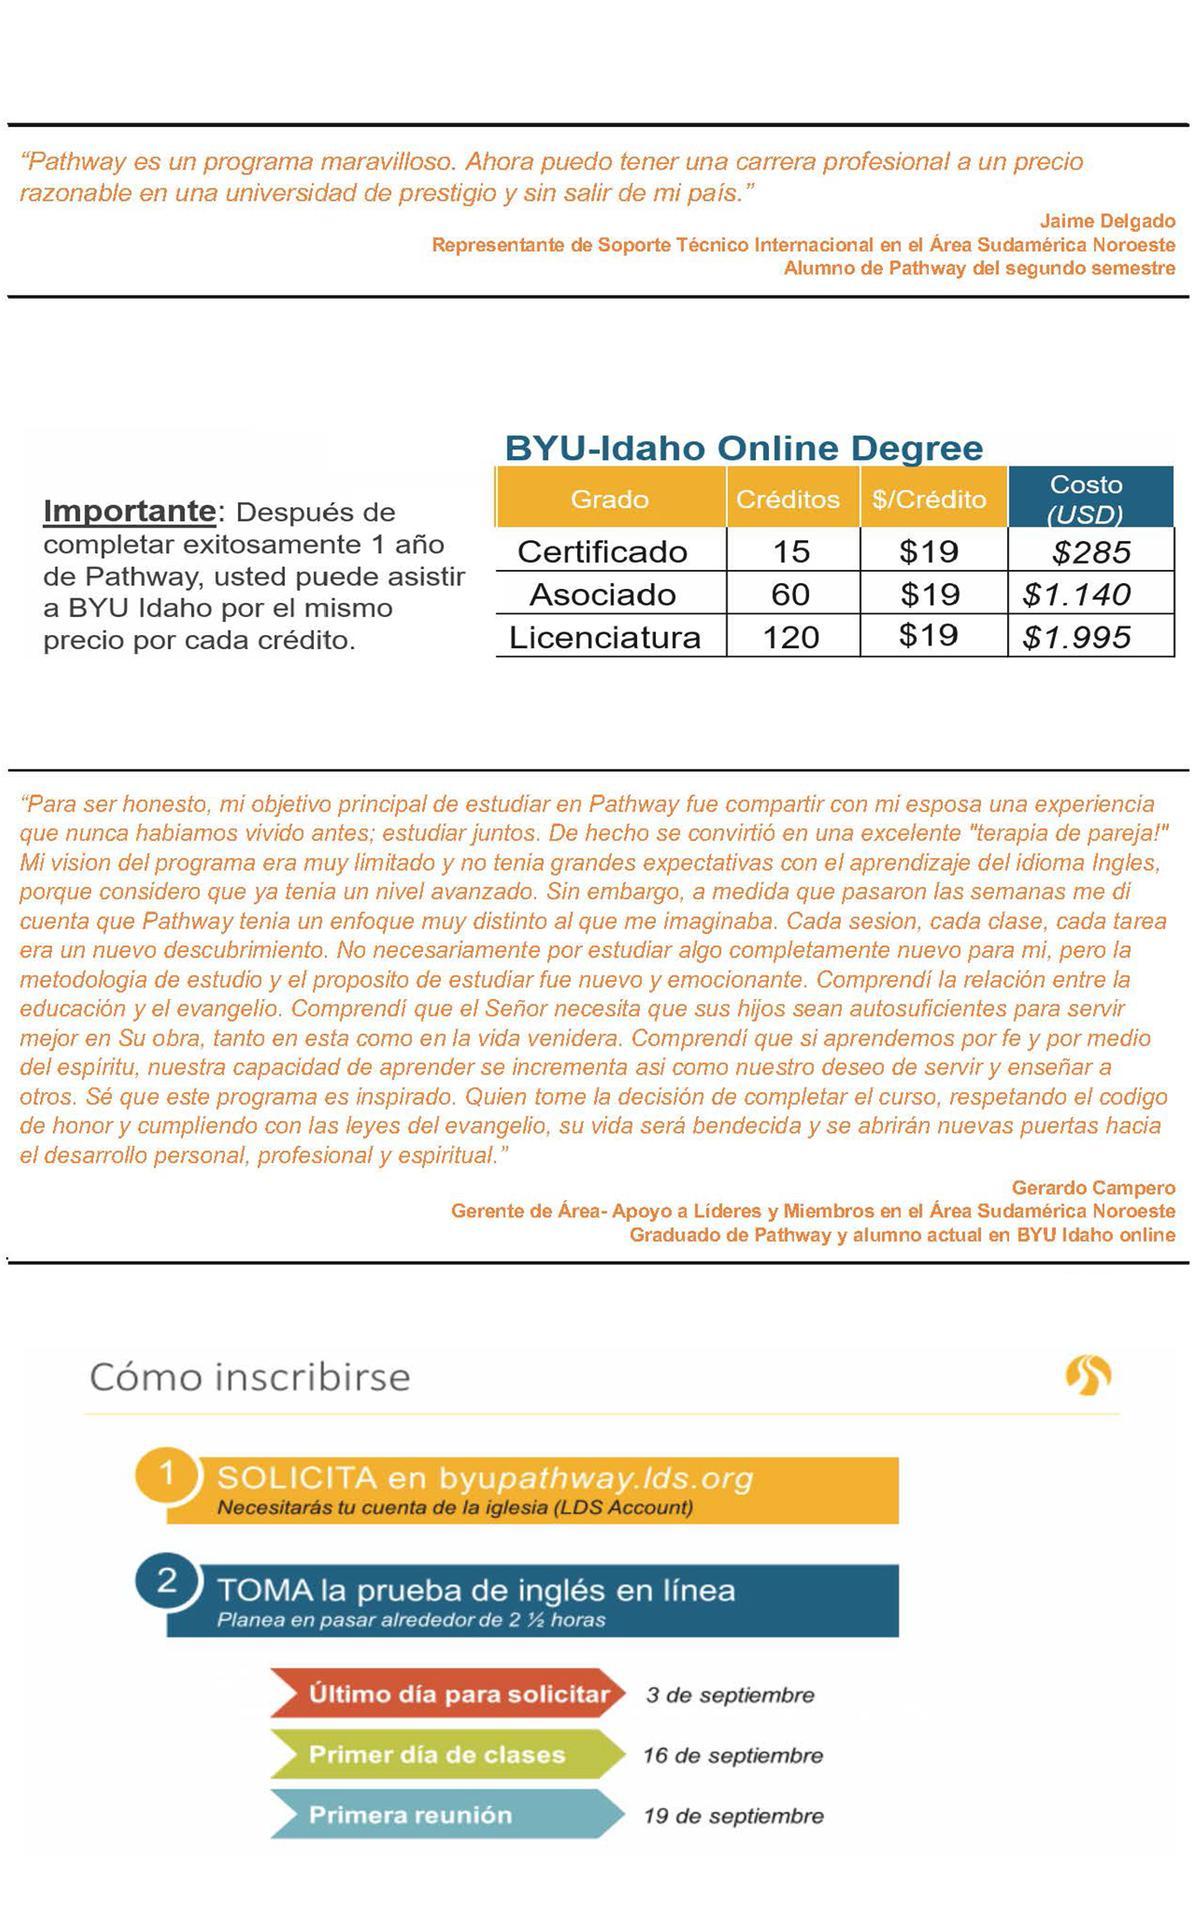 Información del programa BYU-Pathway